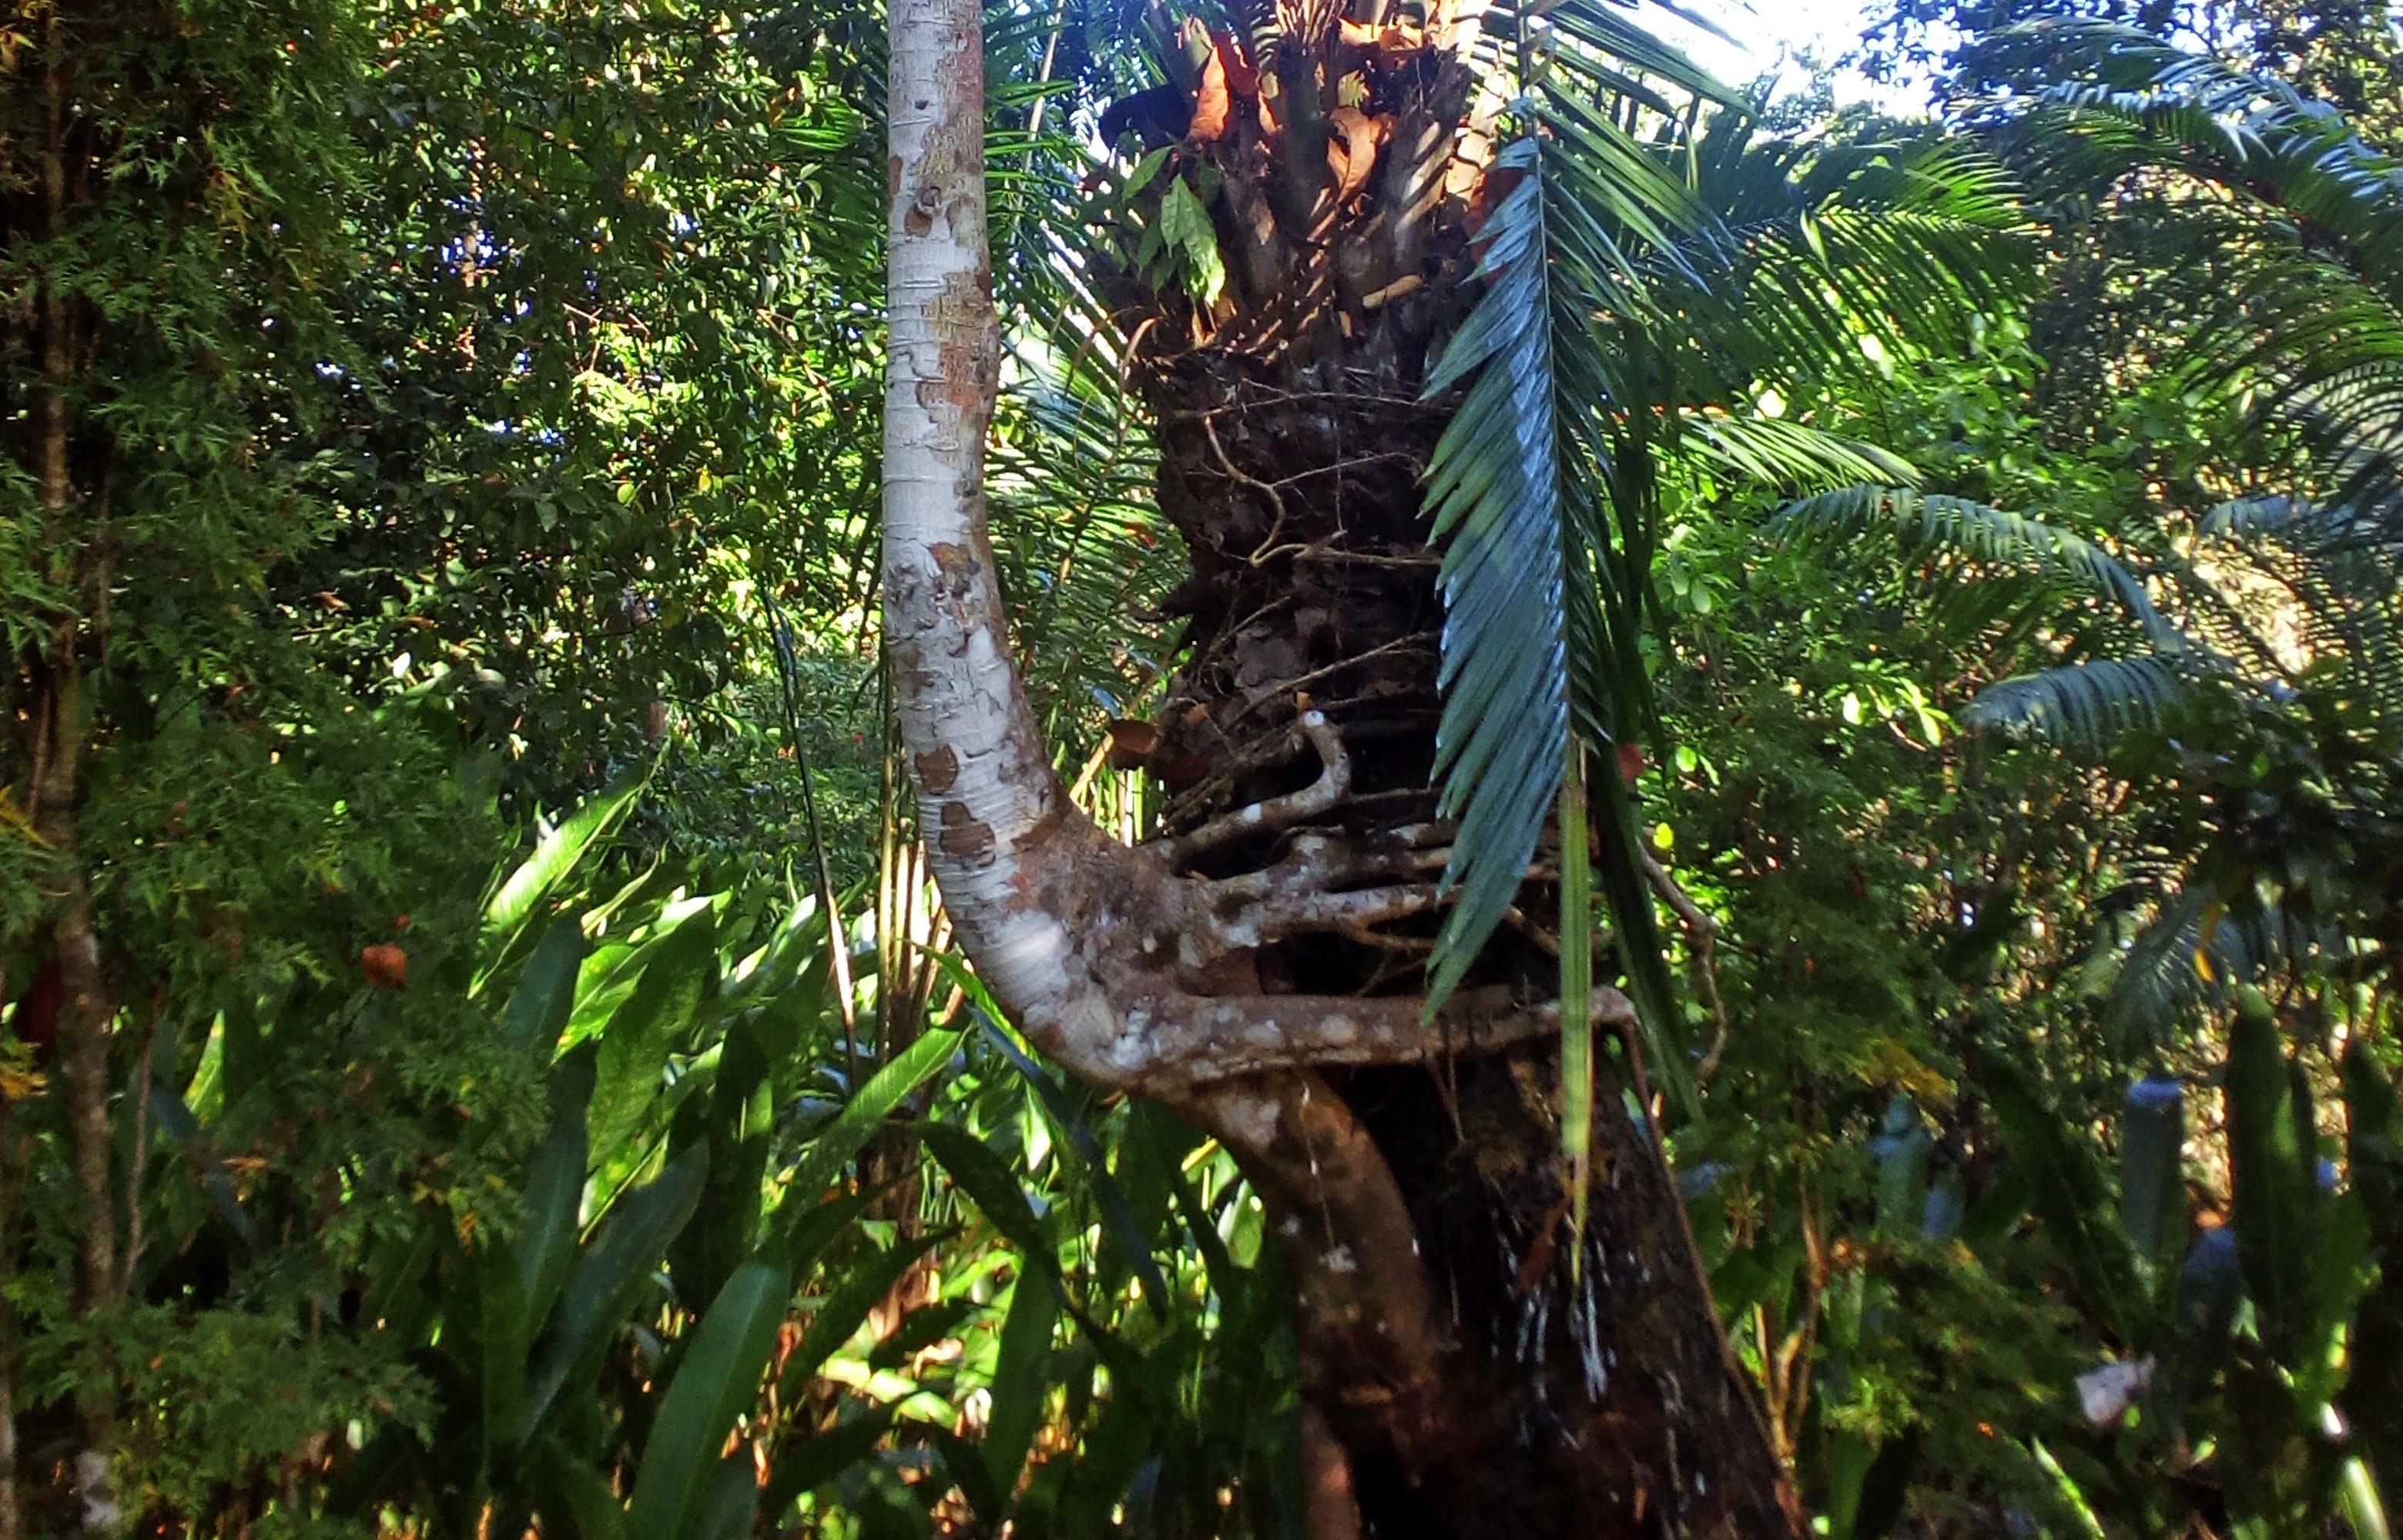 Ficus als Aufsitzer in inniger Umarmung